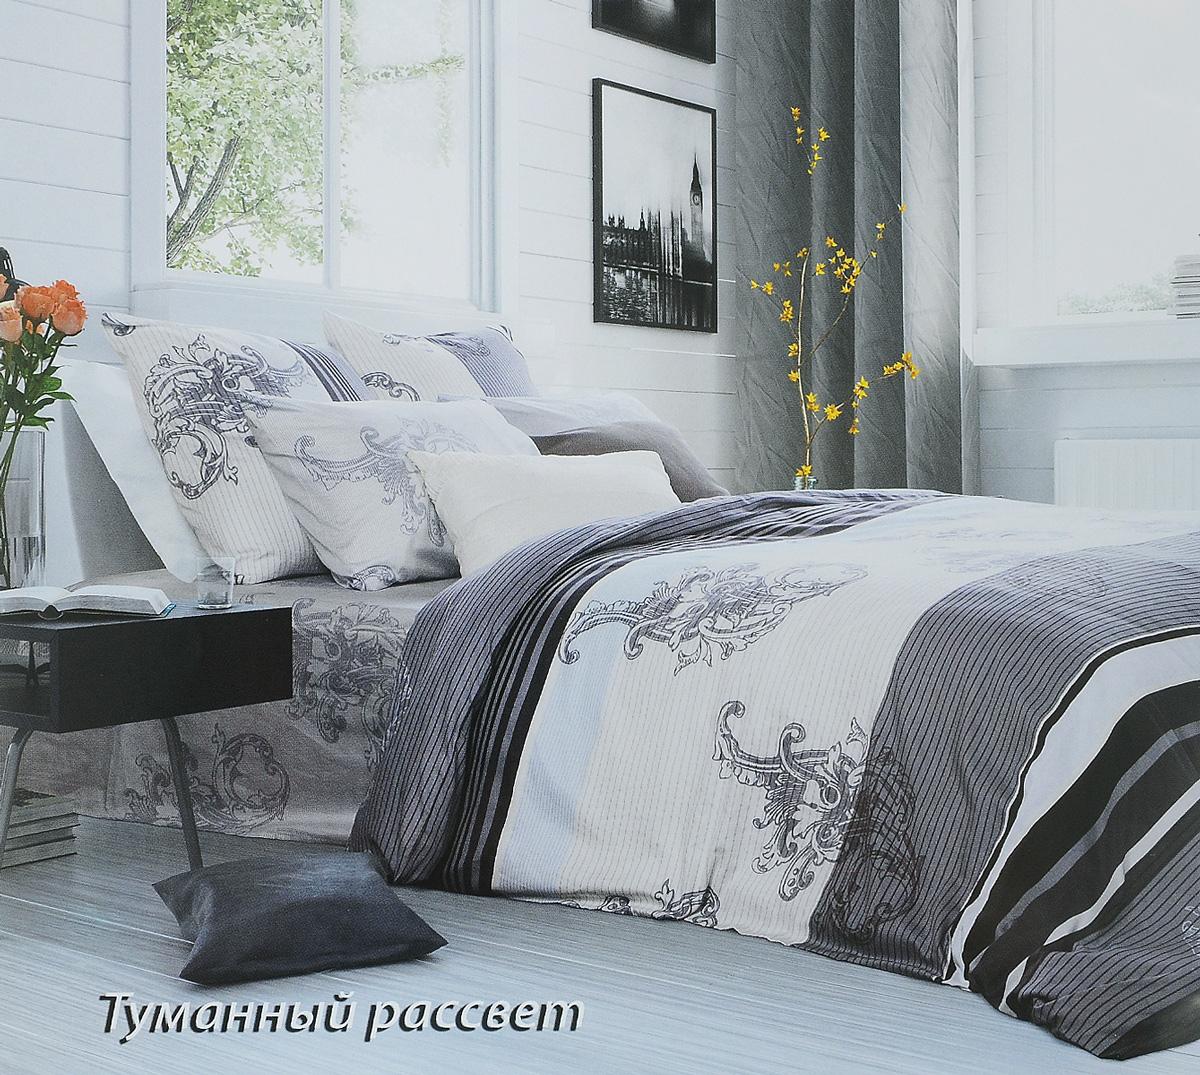 Комплект белья Tiffanys Secret Туманный рассвет, евро, наволочки 70х70, цвет: серый, белый391602Комплект постельного белья Tiffanys Secret Туманный рассвет является экологически безопасным для всей семьи, так как выполнен из сатина (100% хлопок). Комплект состоит из пододеяльника, простыни и двух наволочек. Предметы комплекта оформлены оригинальным рисунком.Благодаря такому комплекту постельного белья вы сможете создать атмосферу уюта и комфорта в вашей спальне.Сатин - это ткань, навсегда покорившая сердца человечества. Ценившие роскошь персы называли ее атлас, а искушенные в прекрасном французы - сатин. Секрет высококачественного сатина в безупречности всего технологического процесса. Эту благородную ткань делают только из отборной натуральной пряжи, которую получают из самого лучшего тонковолокнистого хлопка. Благодаря использованию самой тонкой хлопковой нити получается необычайно мягкое и нежное полотно. Сатиновое постельное белье превращает жаркие летние ночи в прохладные и освежающие, а холодные зимние - в теплые и согревающие. Сатин очень приятен на ощупь, постельное белье из него долговечно, выдерживает более 300 стирок, и лишь спустя долгое время материал начинает немного тускнеть. Оцените все достоинства постельного белья из сатина, выбирая самое лучшее для себя!